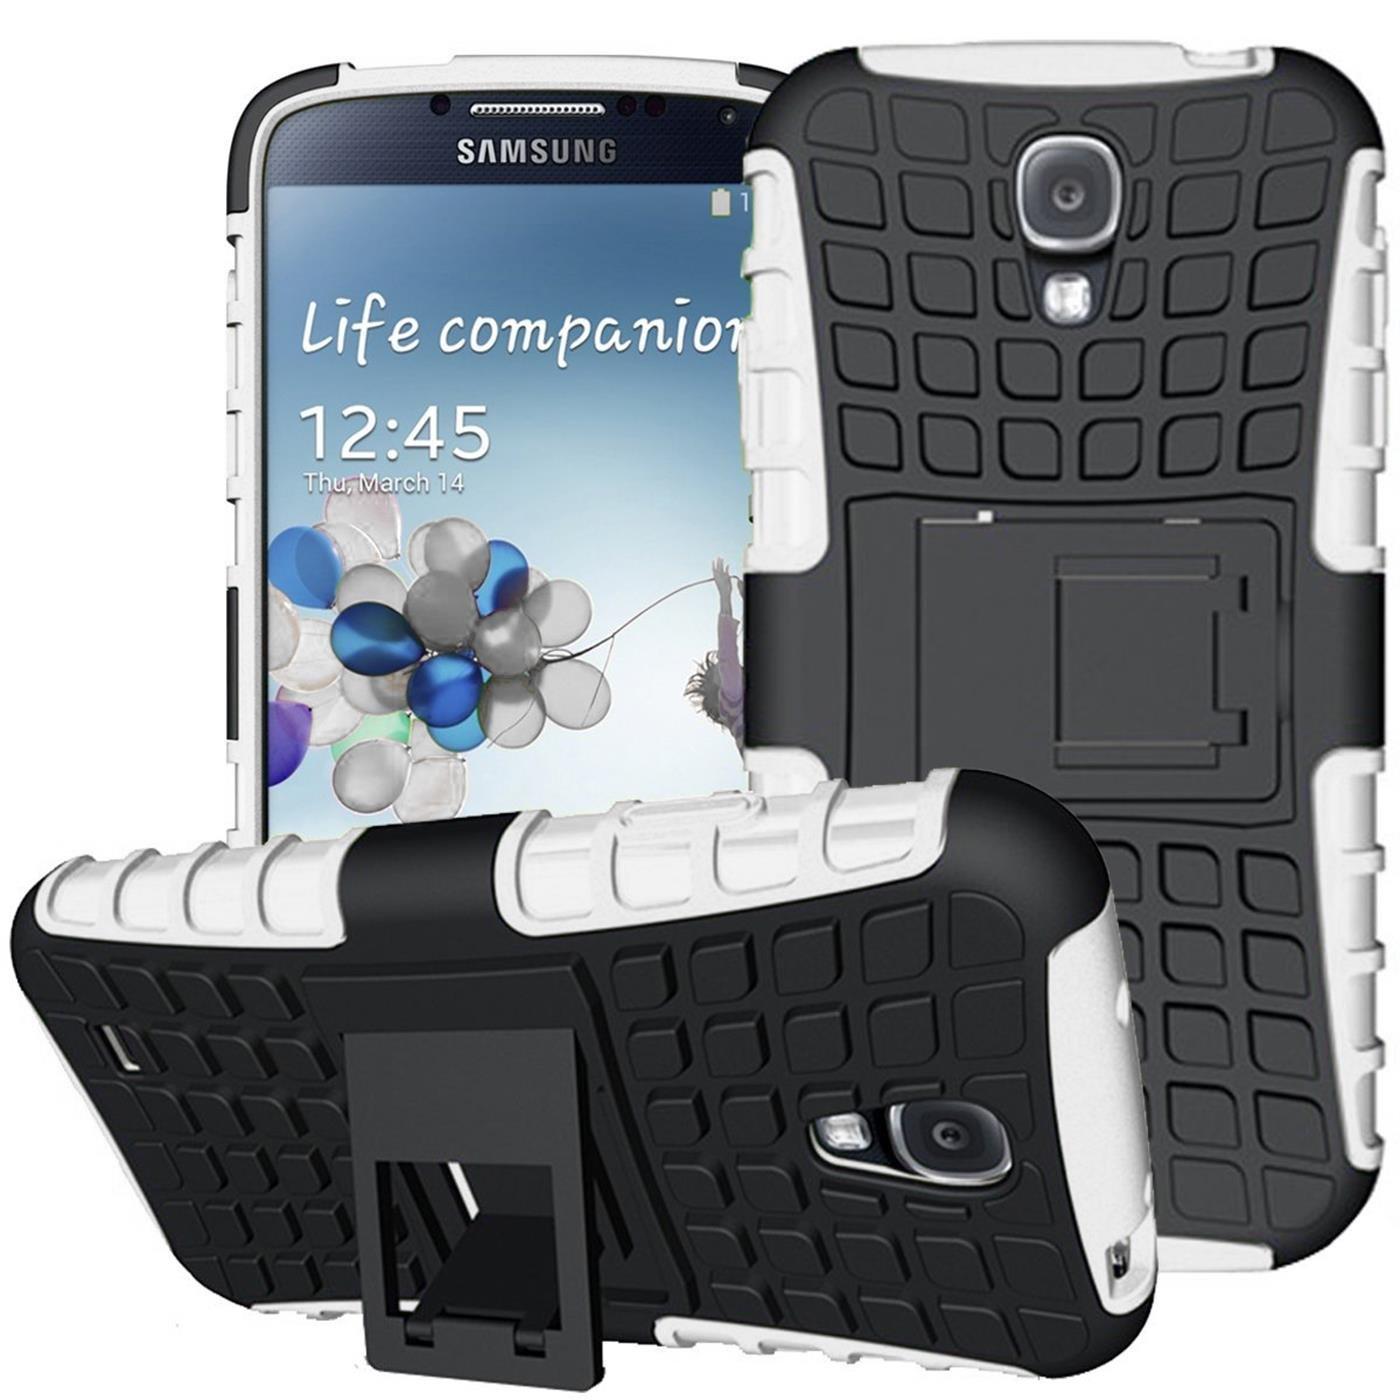 Conie Outdoor Hülle kompatibel mit Samsung Galaxy S4 Mini, verstärkte Schutzhülle Rutschfest wasserabweisend Kantenschutz Rückschale Case in Weiß